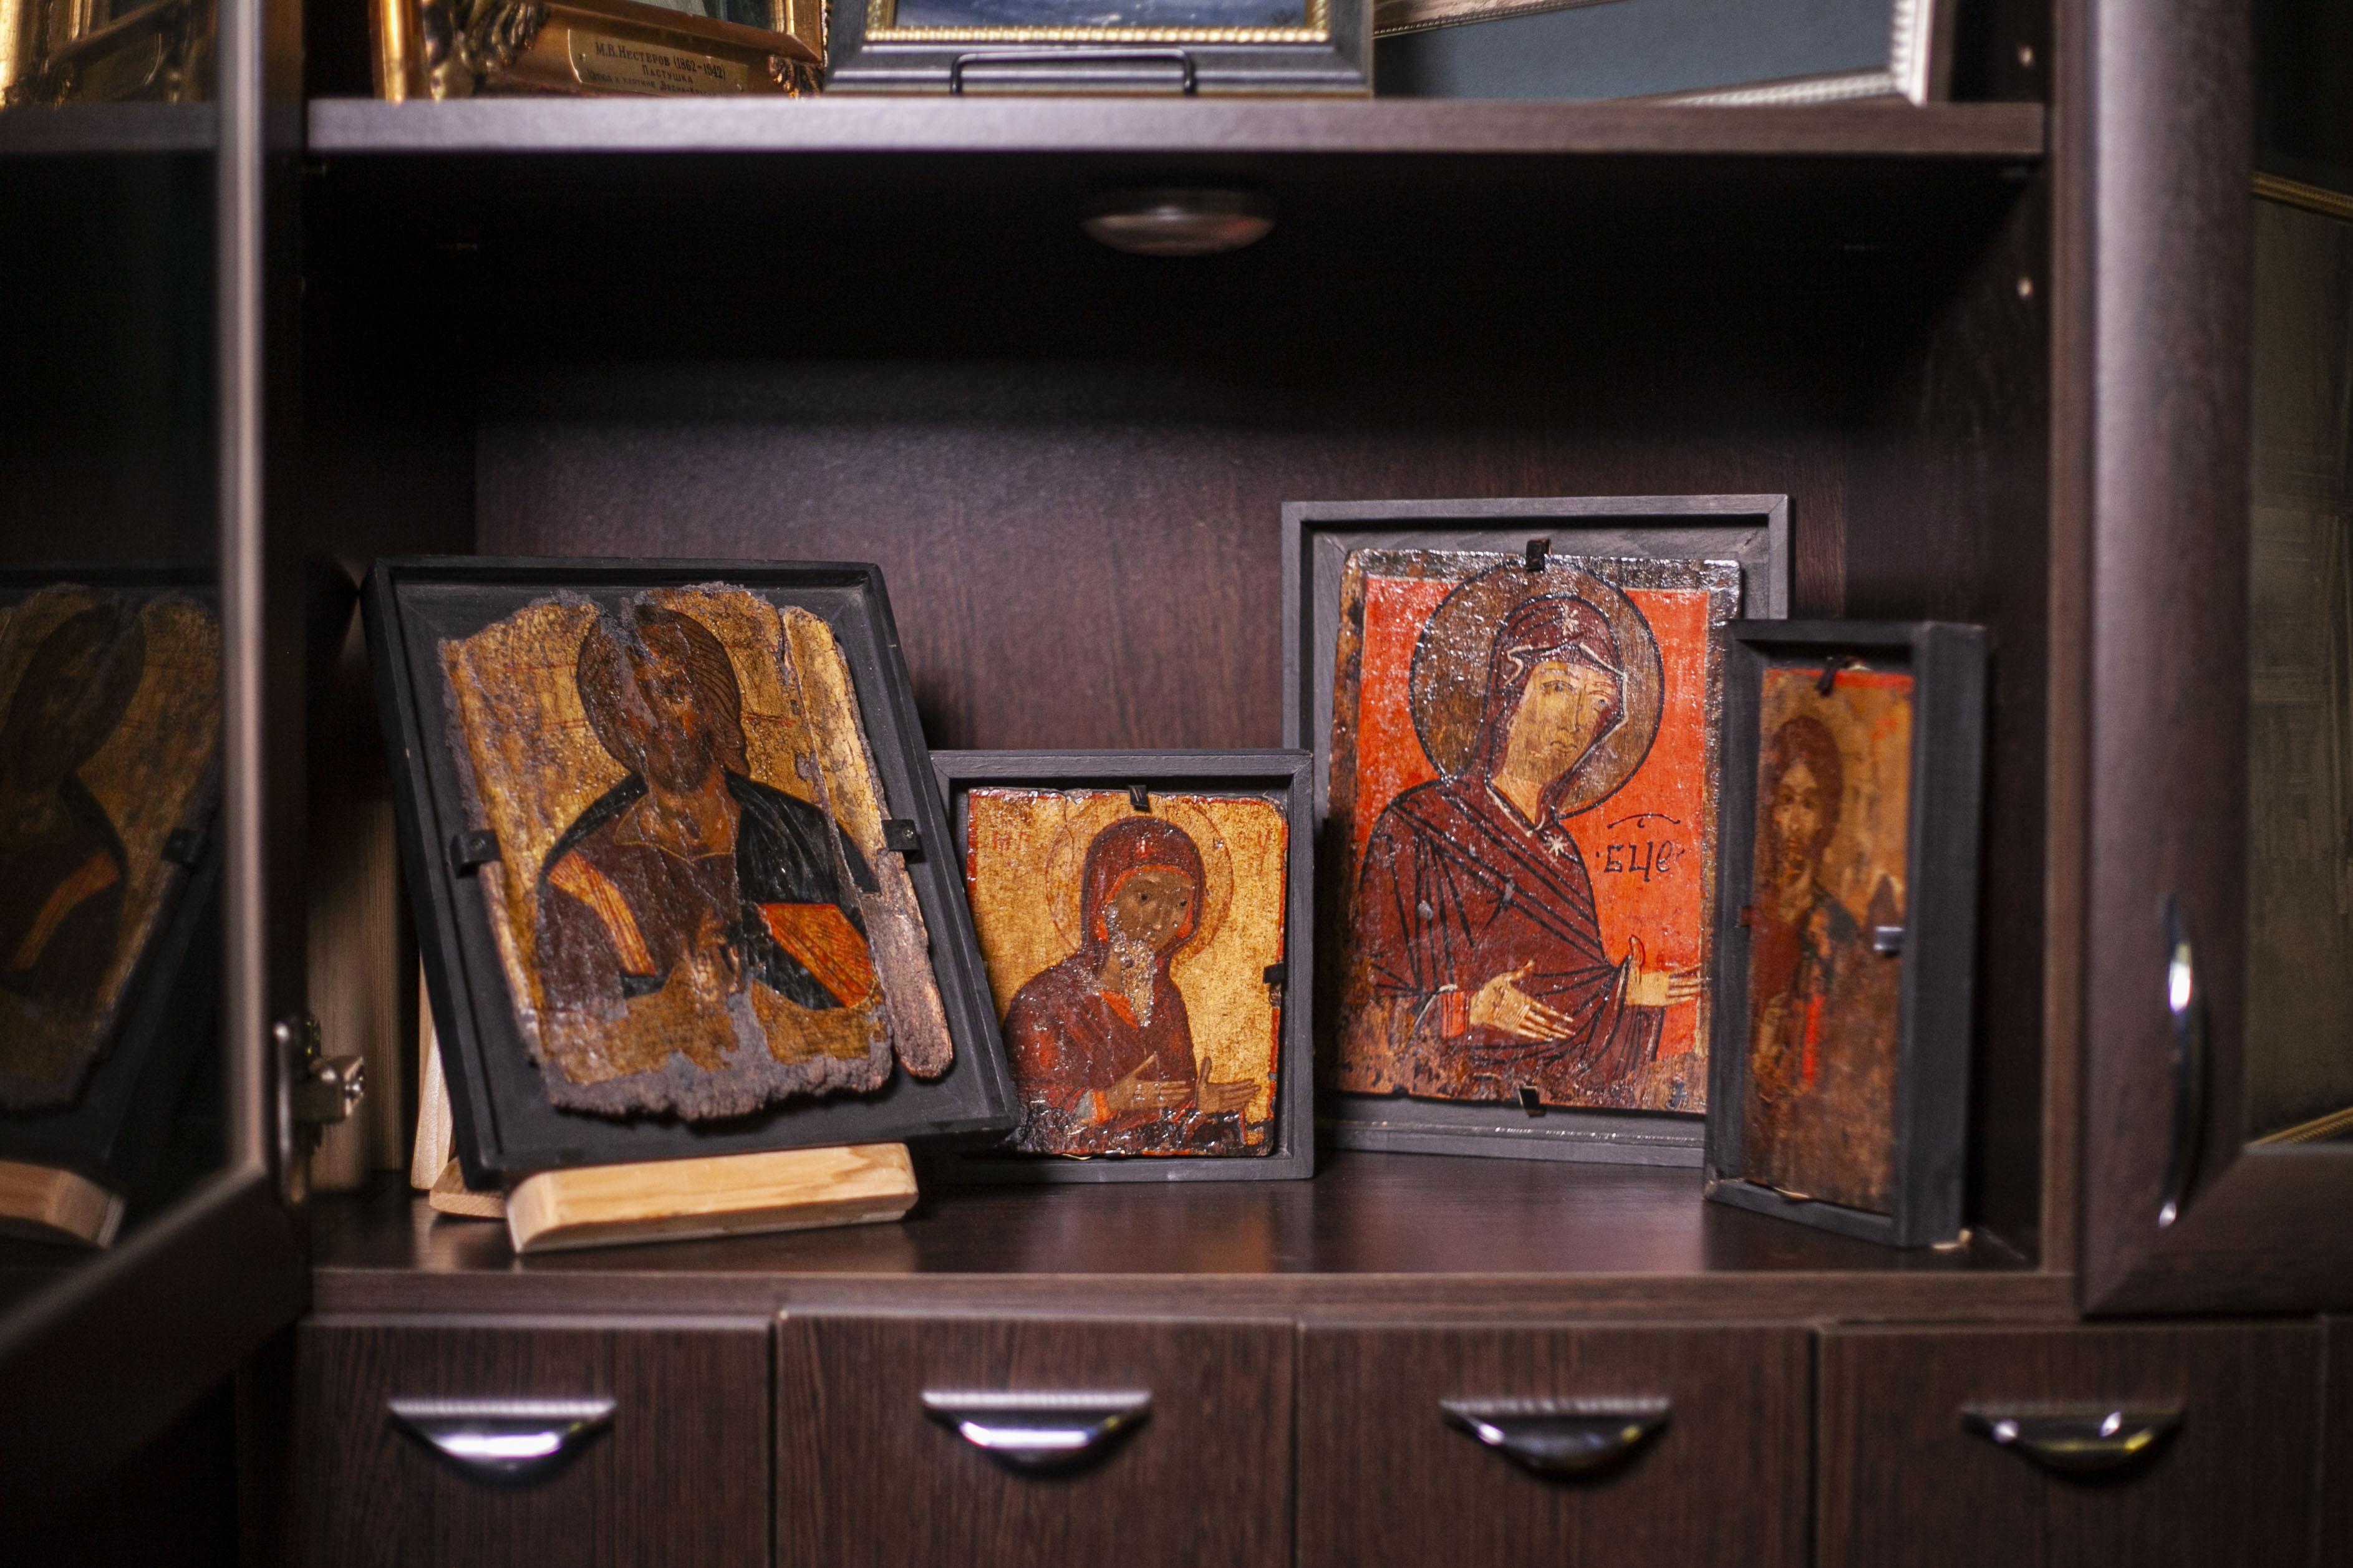 Те самые найденные иконы, которые сейчас хранятся в музее-заповеднике. Фото Арсения Тимашова